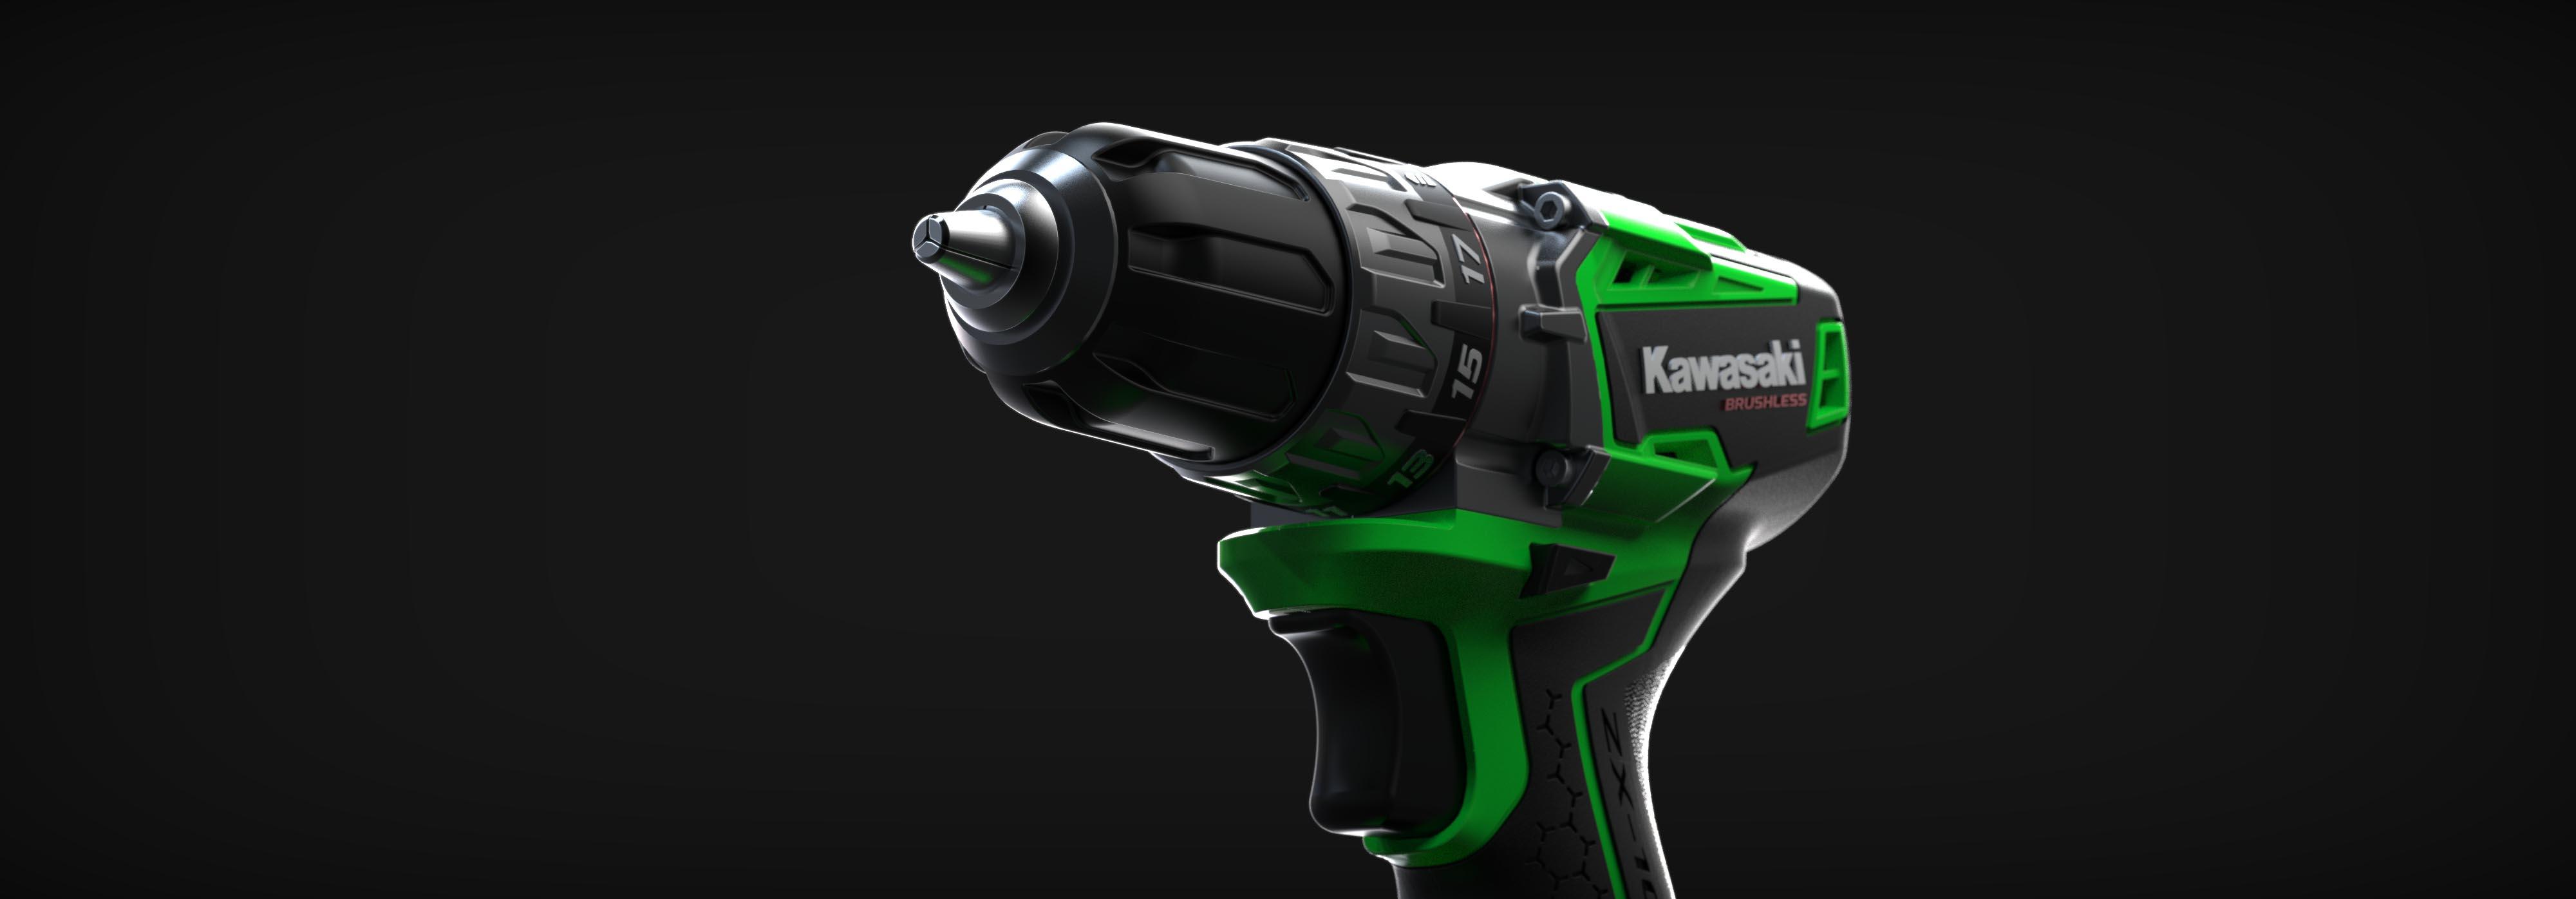 Kawasaki Drill 02